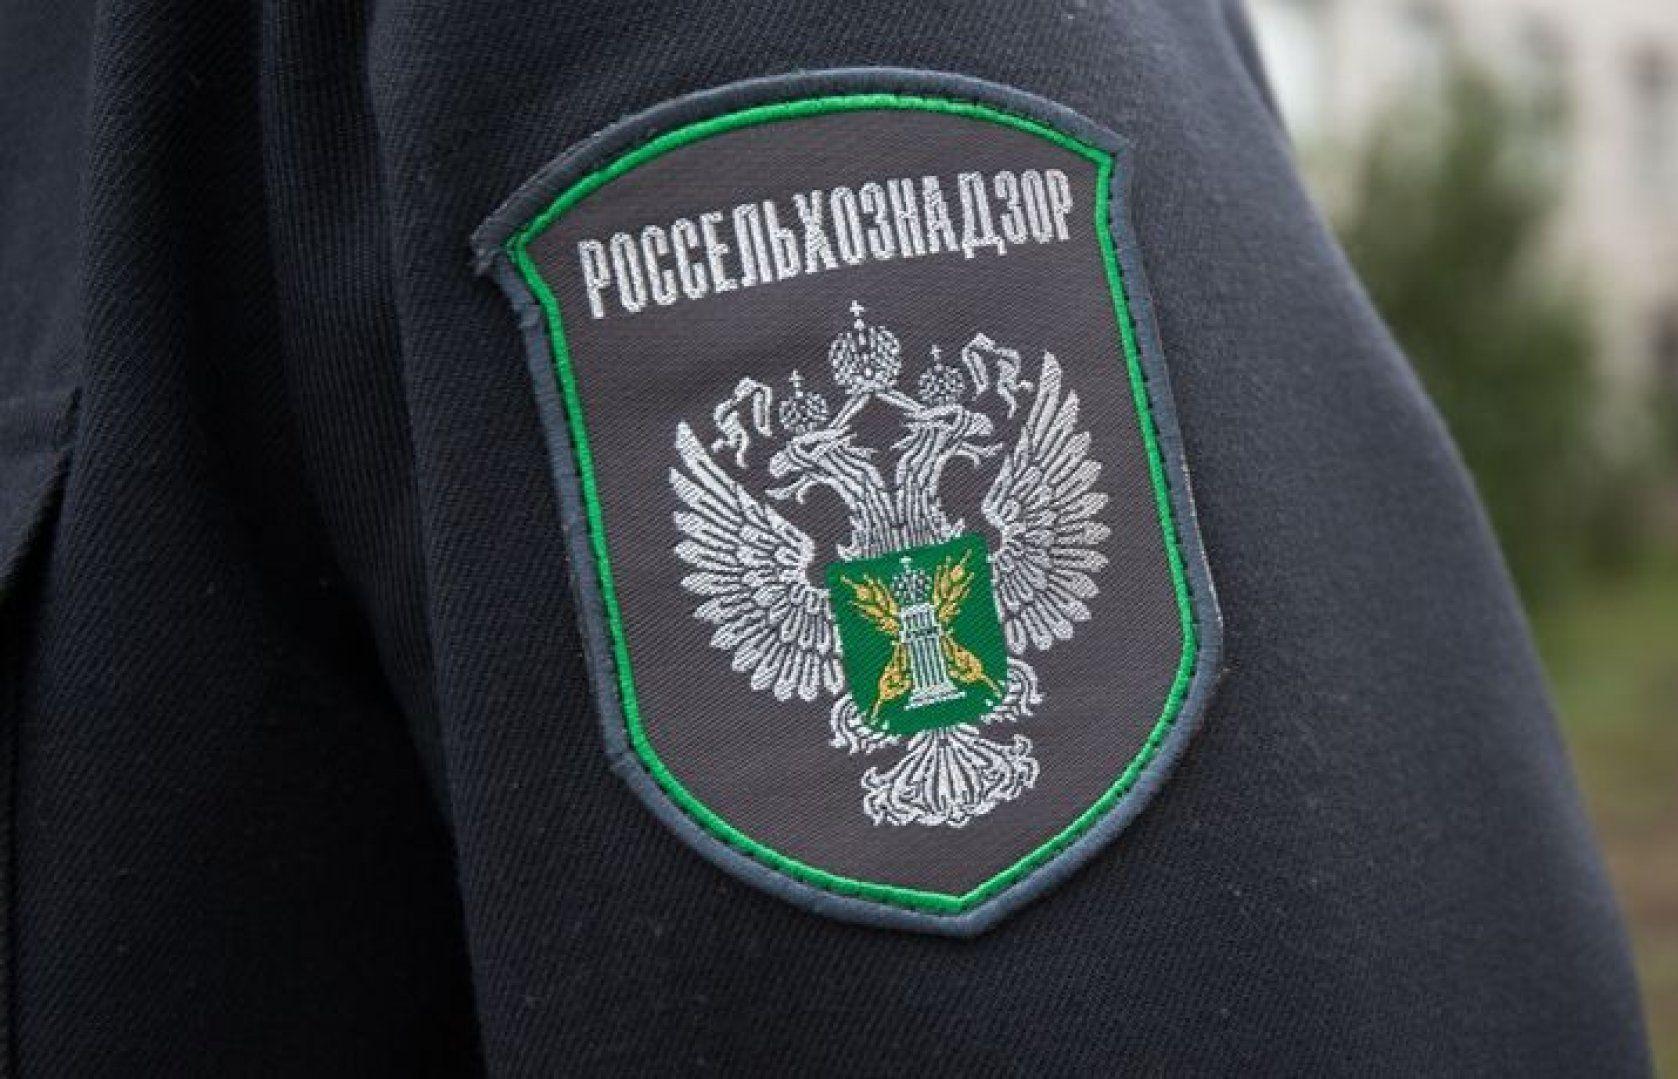 Собственник из Фировского района оштрафован за воспрепятствование проведению проверки - новости Афанасий